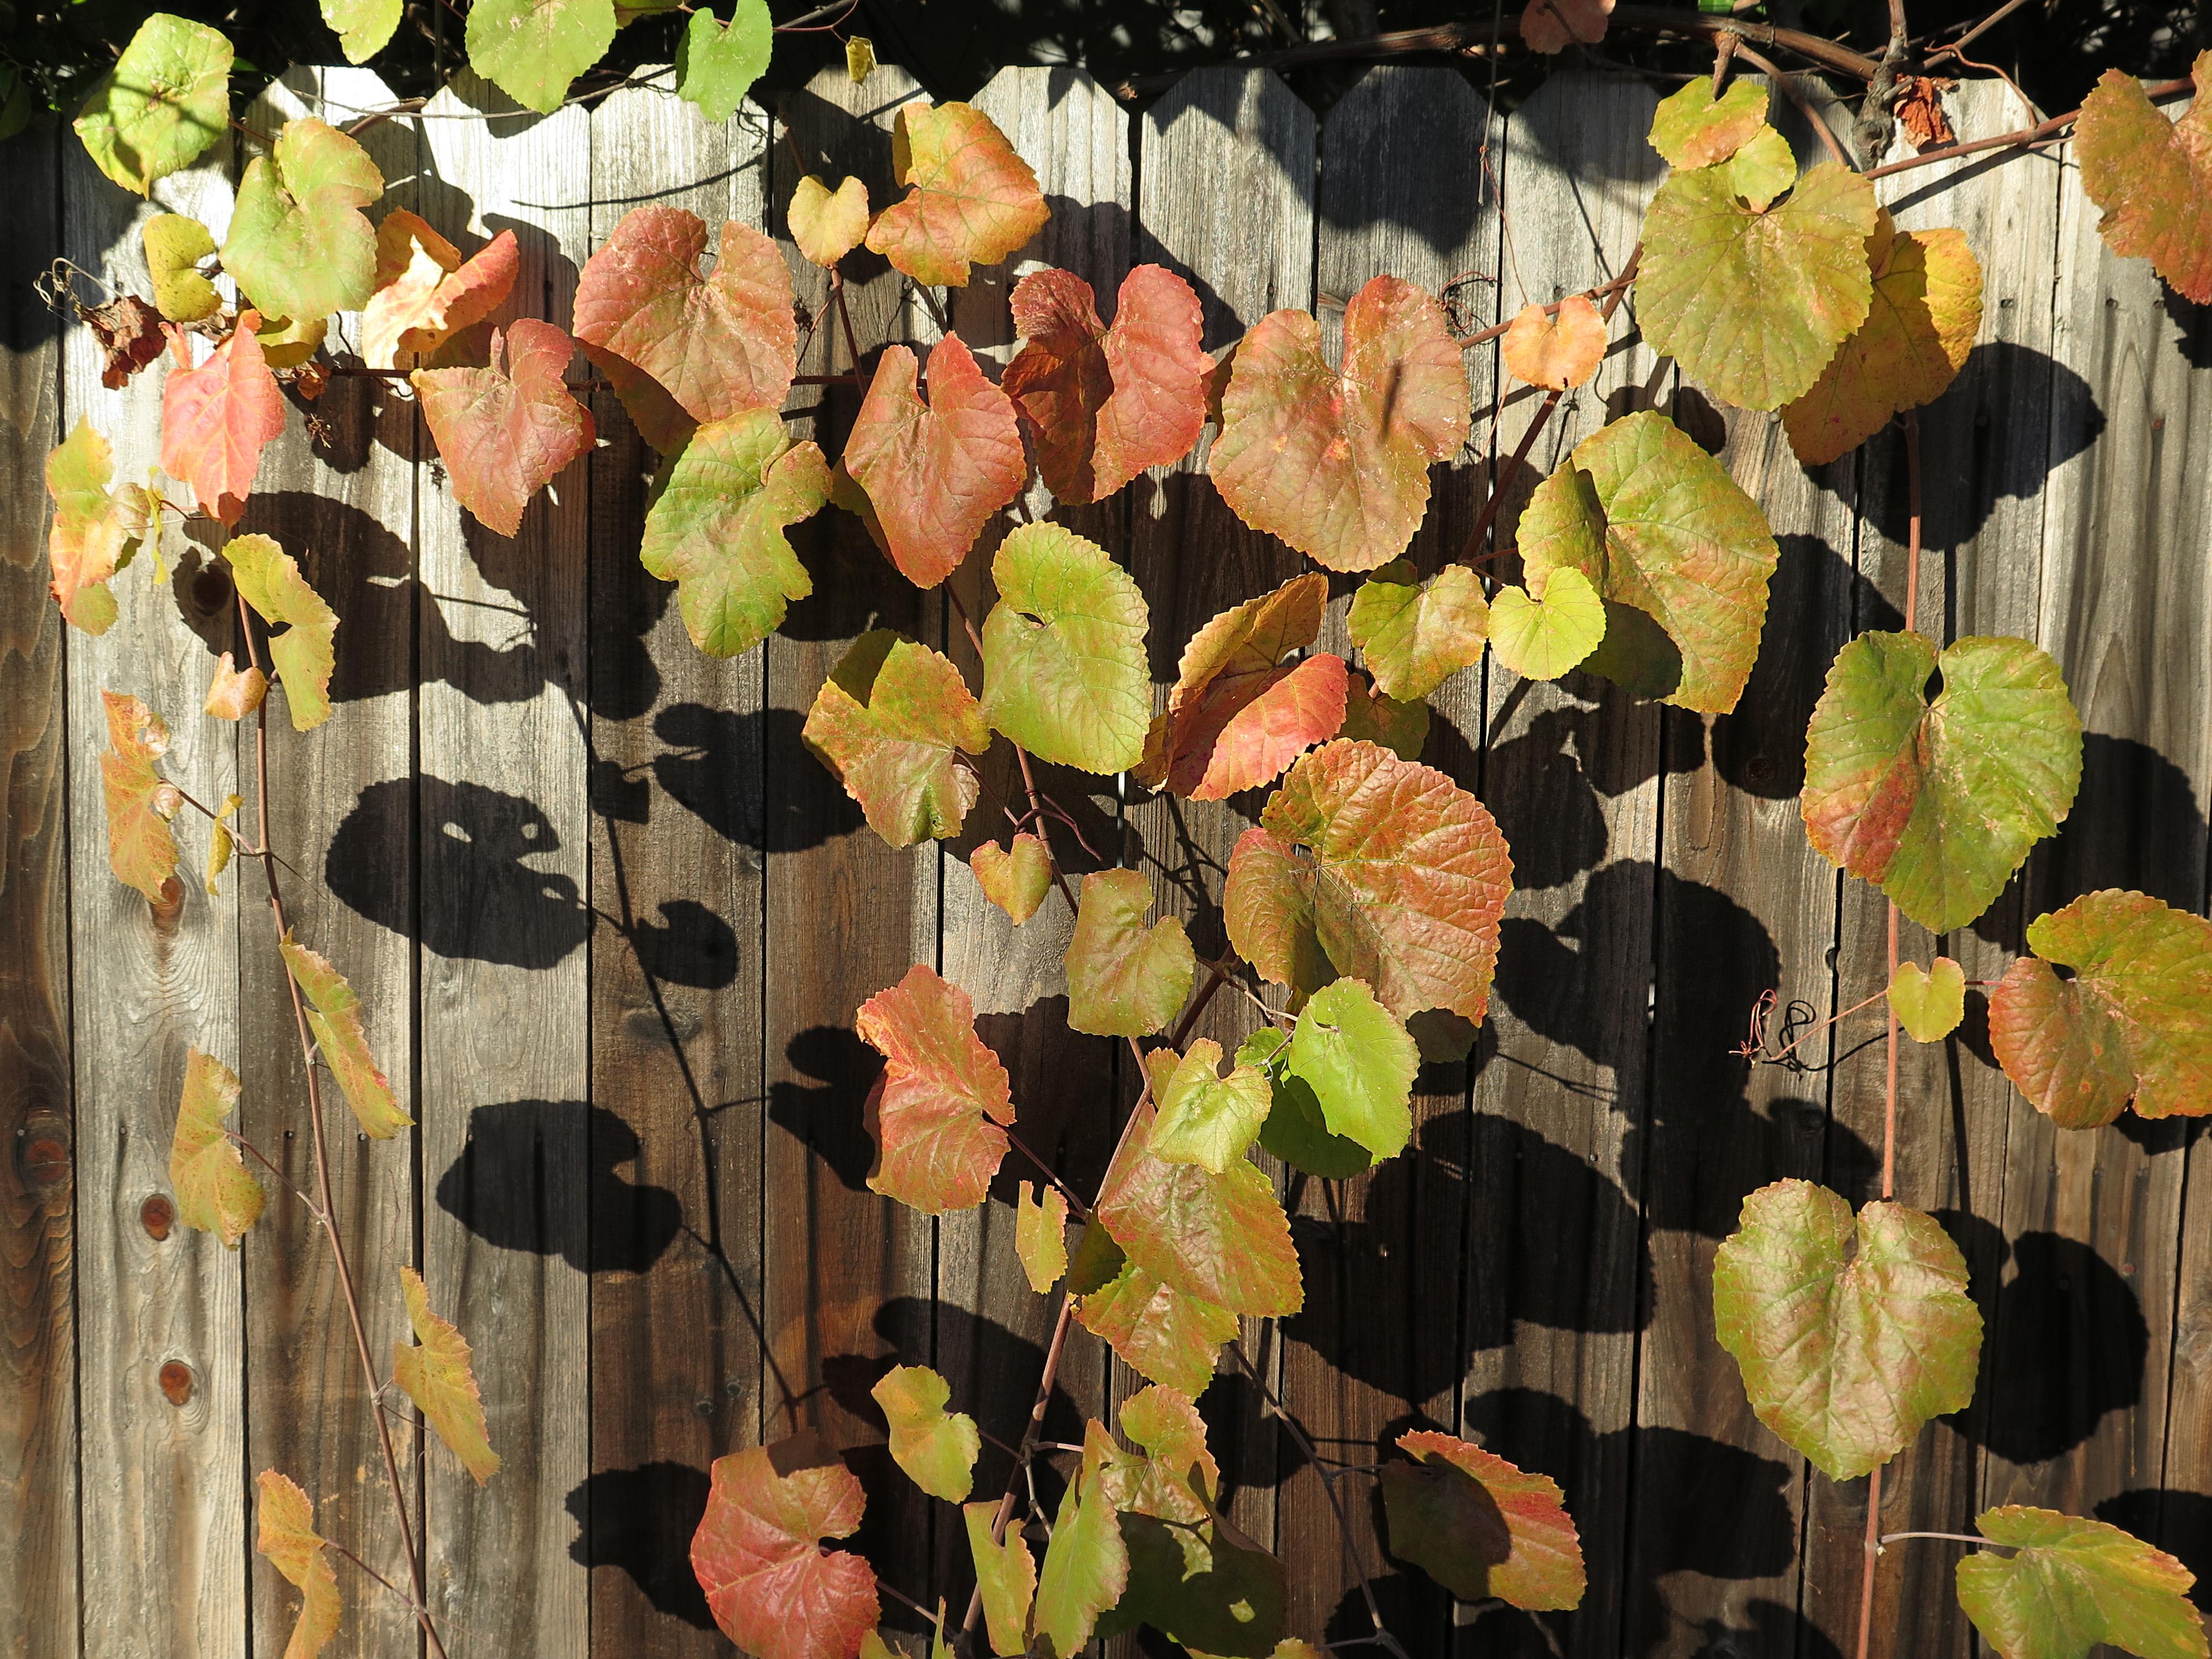 Fotoğraf Ağaç çit Asma Yaprak çiçek Renk Sonbahar Botanik